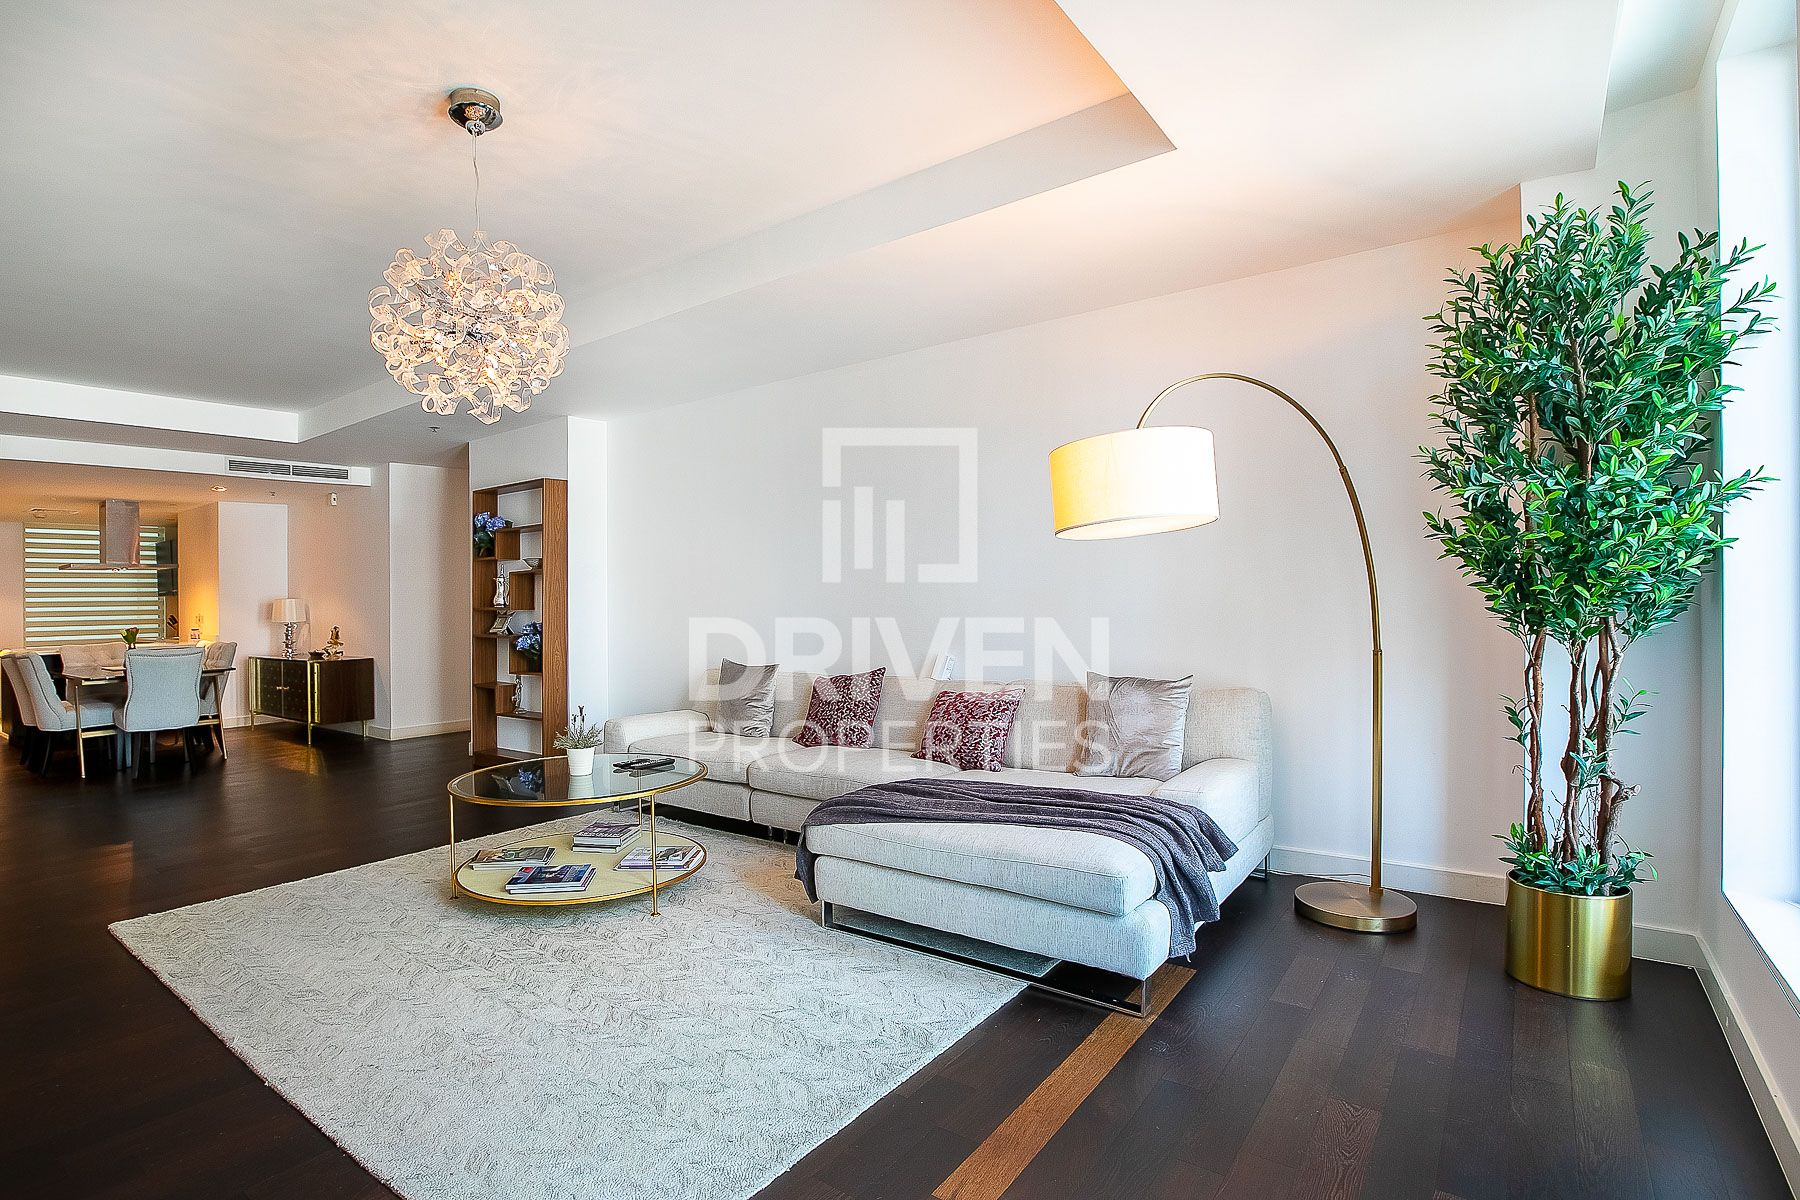 1,623 قدم مربع  شقة - للبيع - مركز دبي المالي العالمي